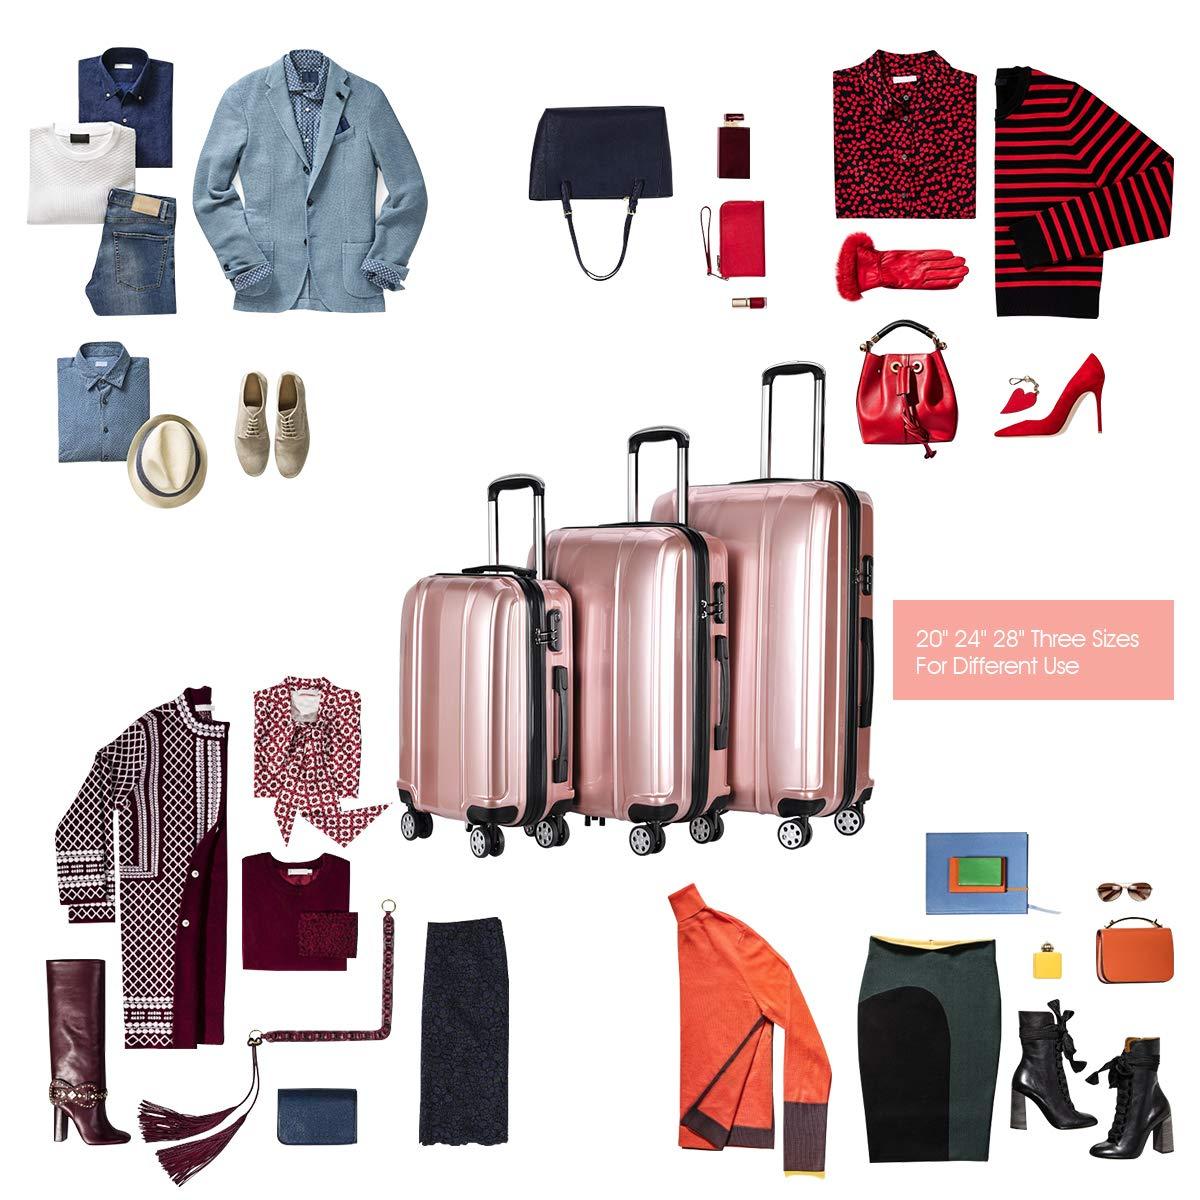 Hardside Travel Suitcase 20 24 28 ABS Goplus 3Pcs Luggage Set PC Travel Trolley Case w//Coded Lock 360/° Spinner Wheels Lightweight Suitcase 20 24 28 ABS PC Travel Trolley Case w//Coded Lock